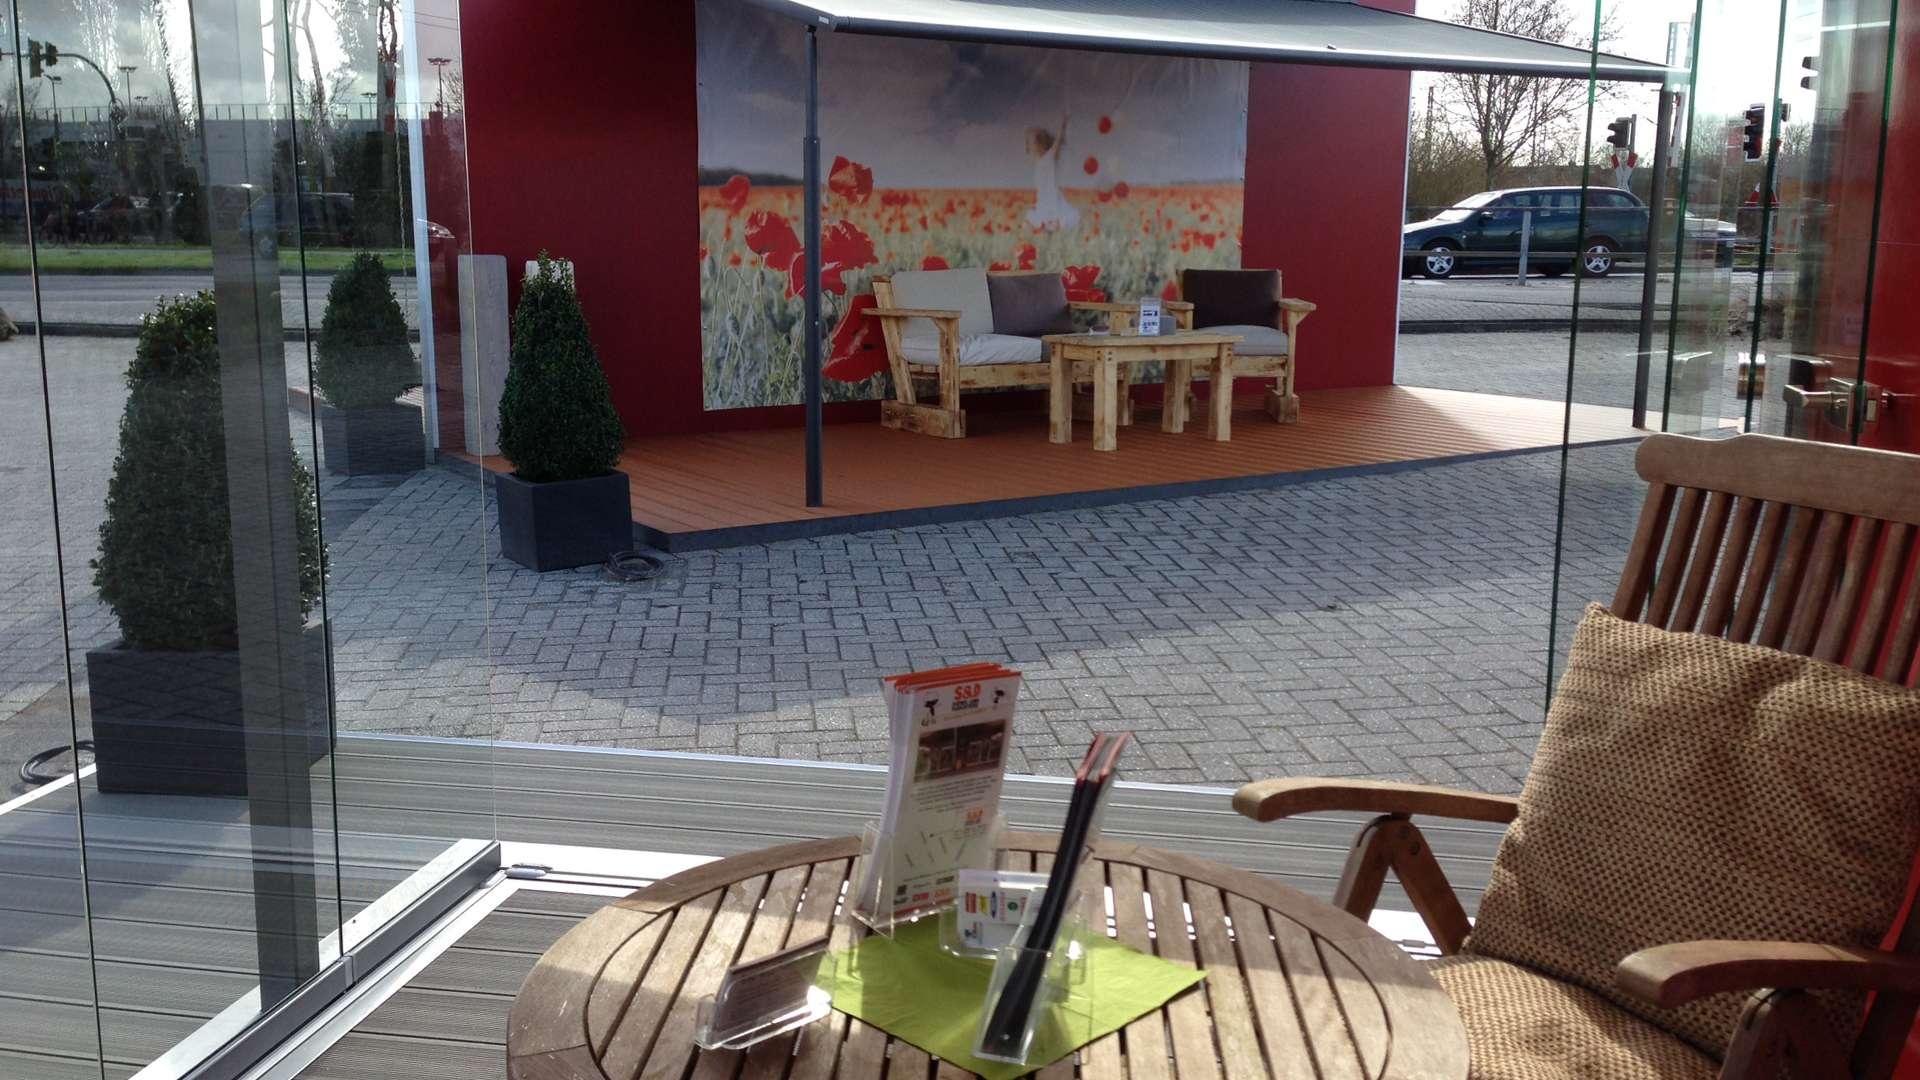 Tisch mit Stuhls wie Terrasse mit Markise in der Ausstellung von de Jonge in Norden